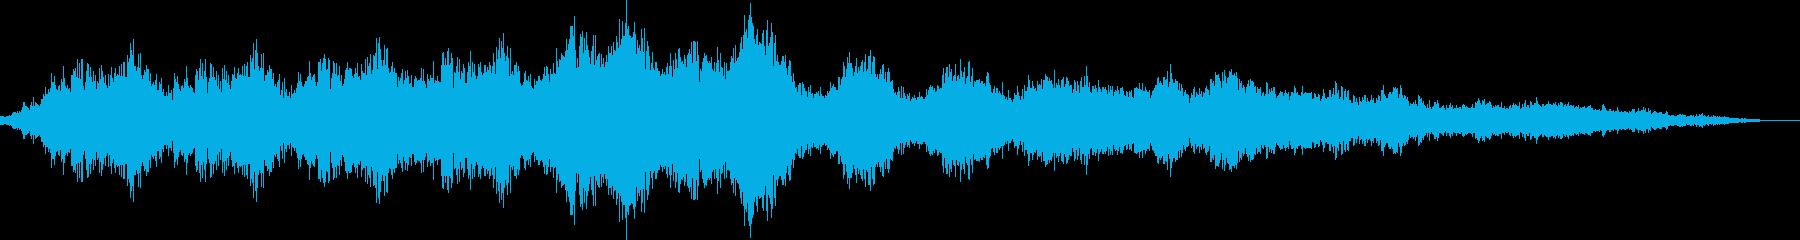 アンビエント センチメンタル サス...の再生済みの波形